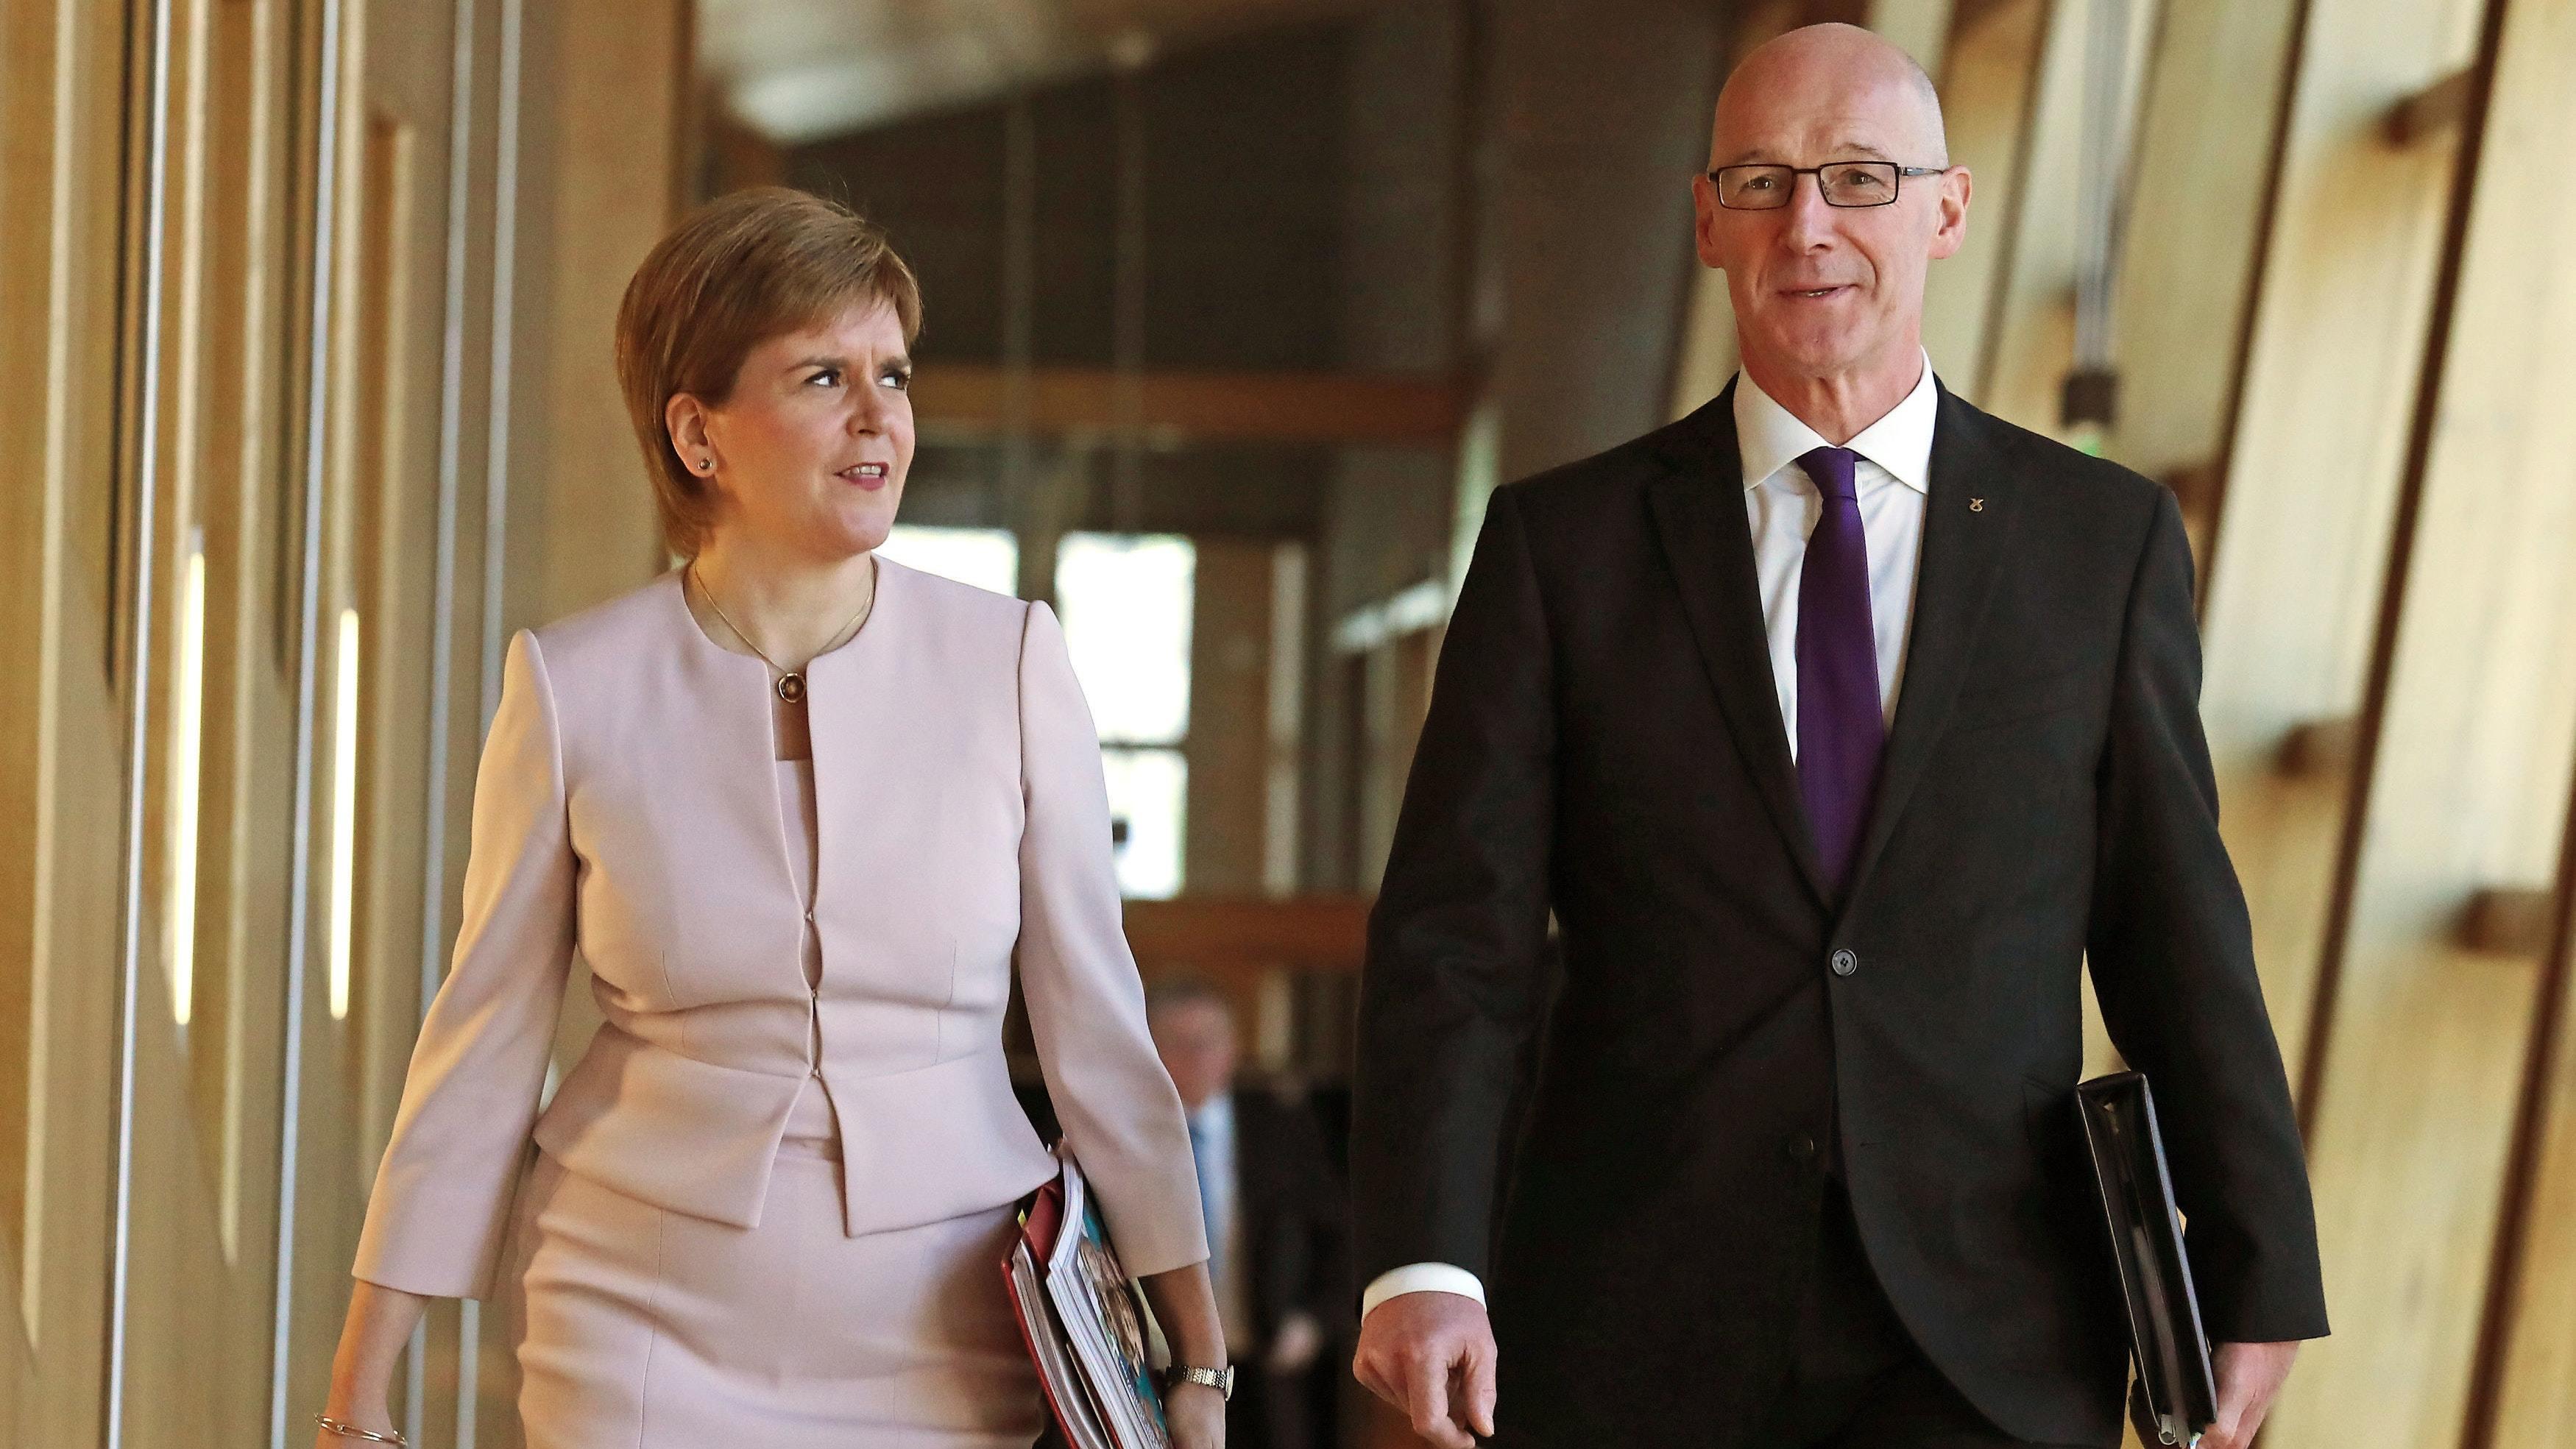 Nicola Sturgeon and John Swinney (PA)